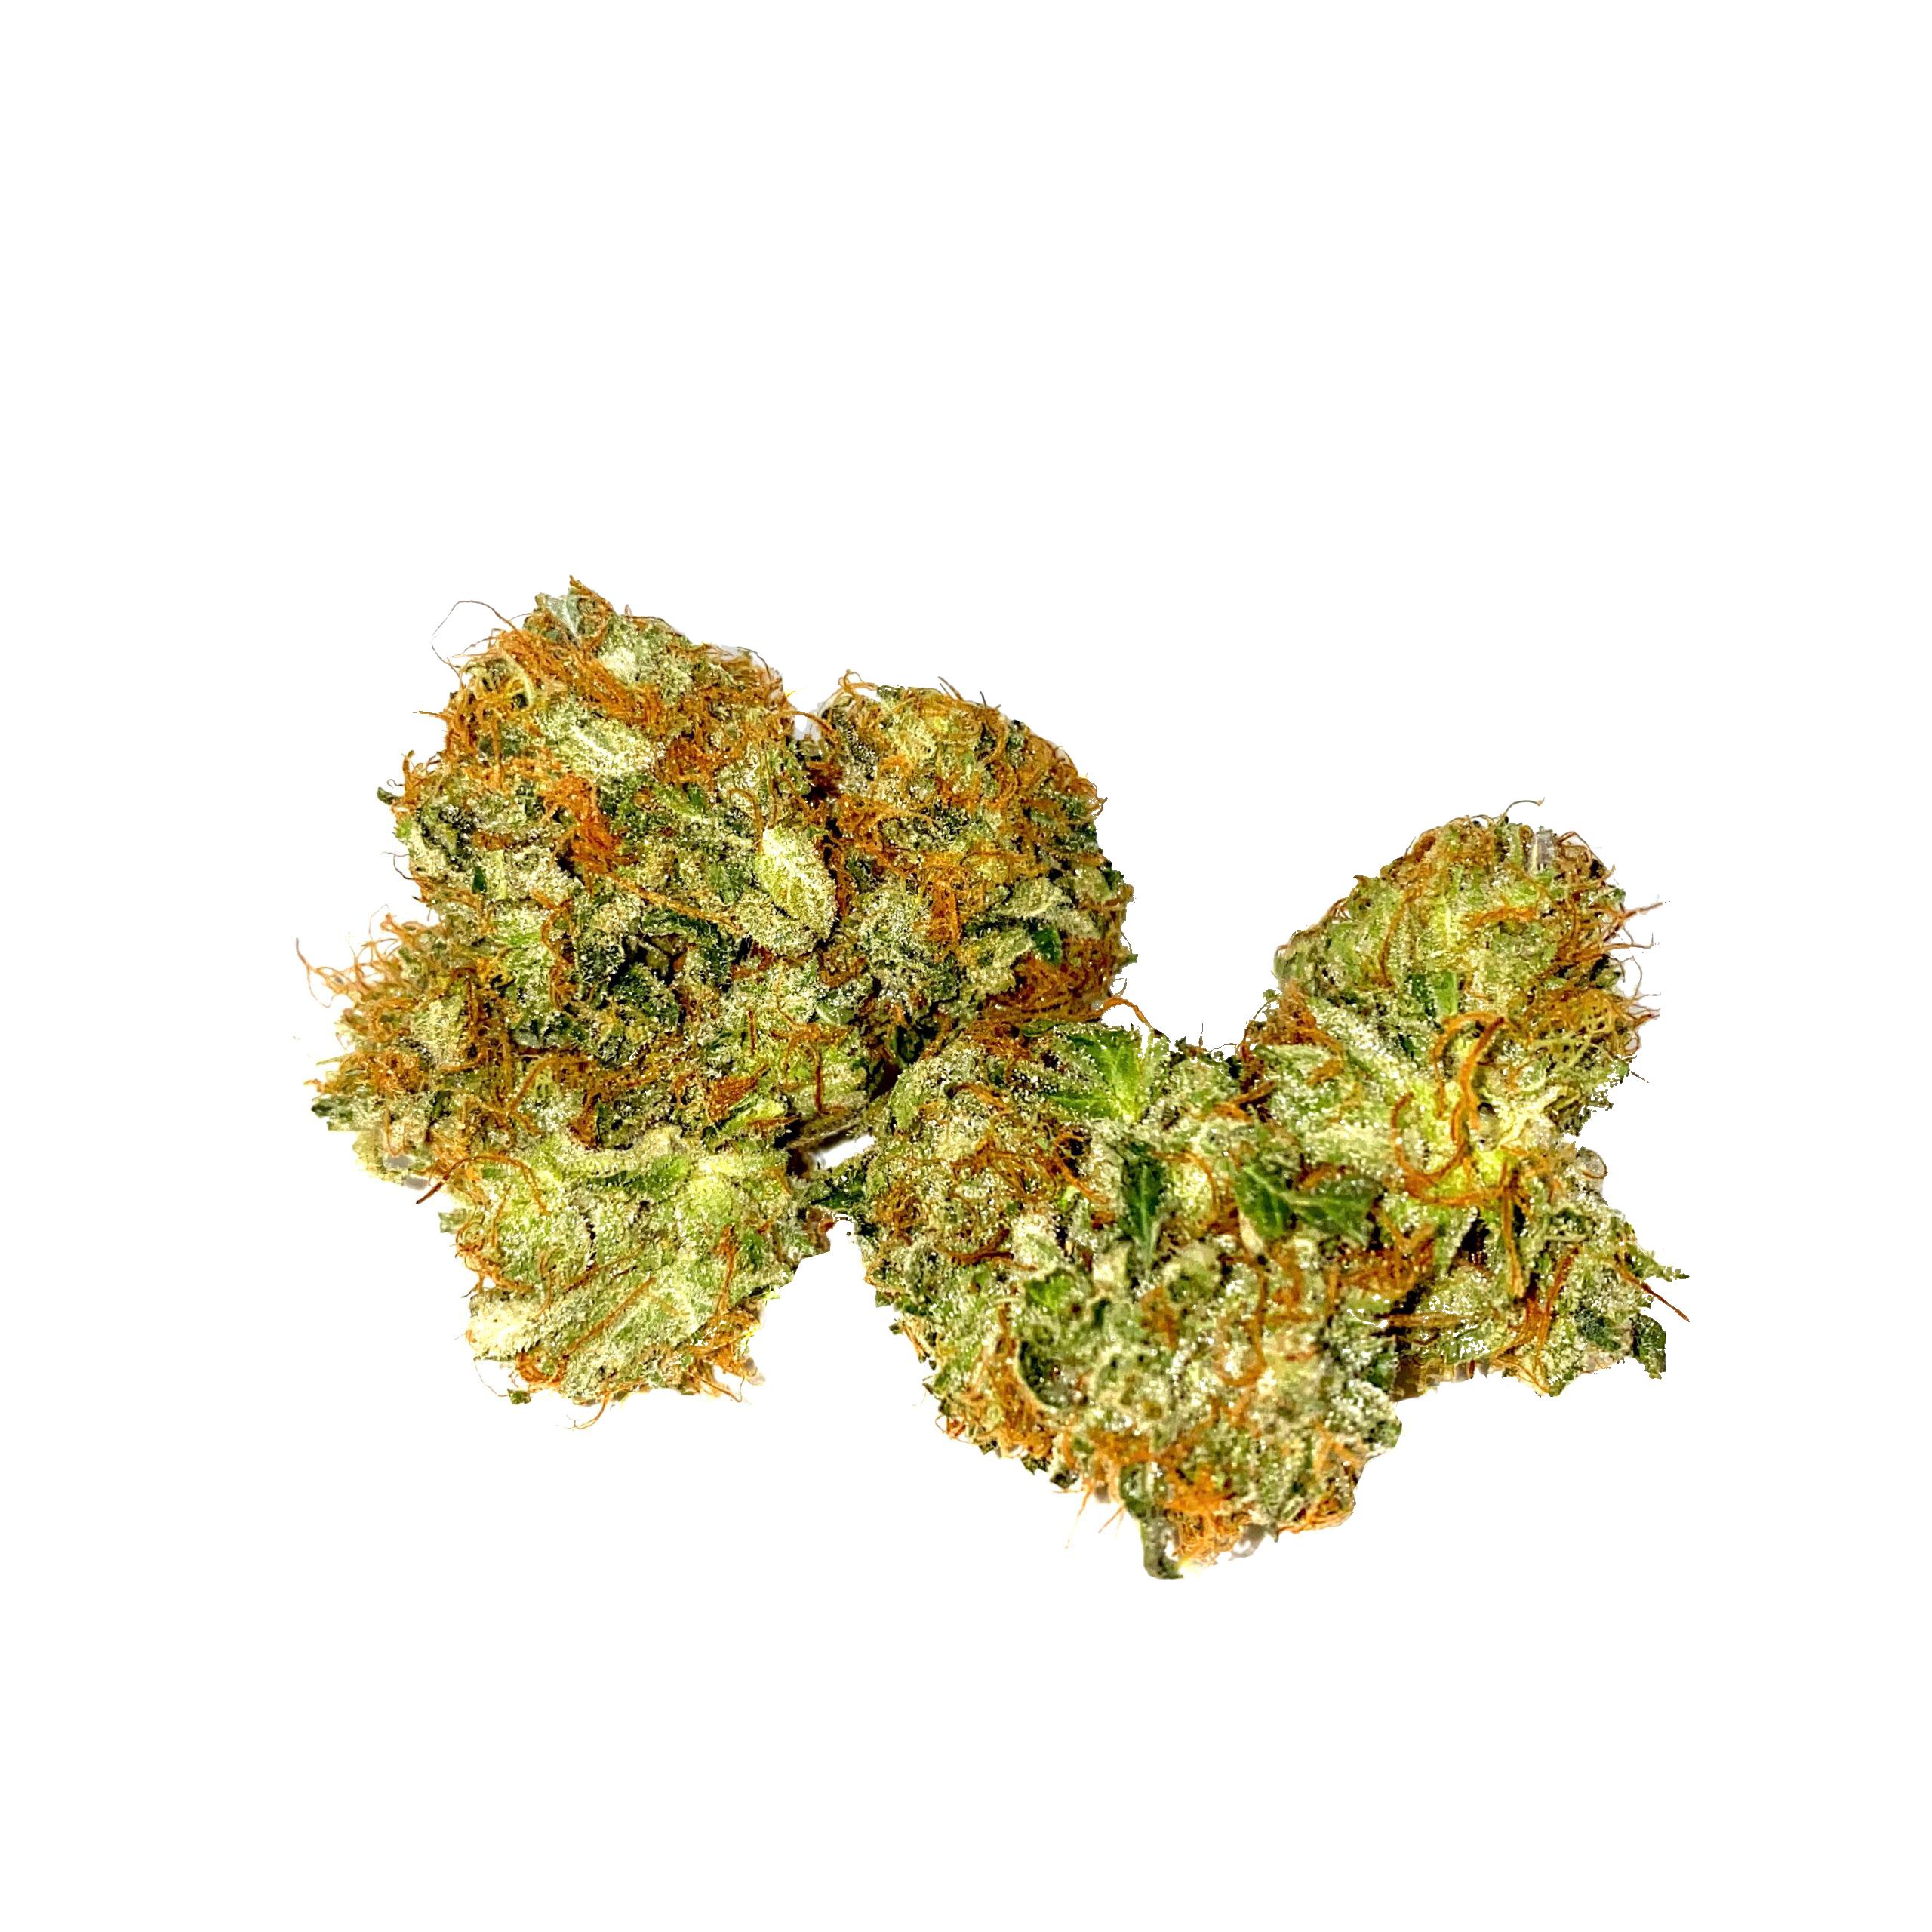 Nupepshrooms,Juicy Fruit,Hybrid,Cannabis